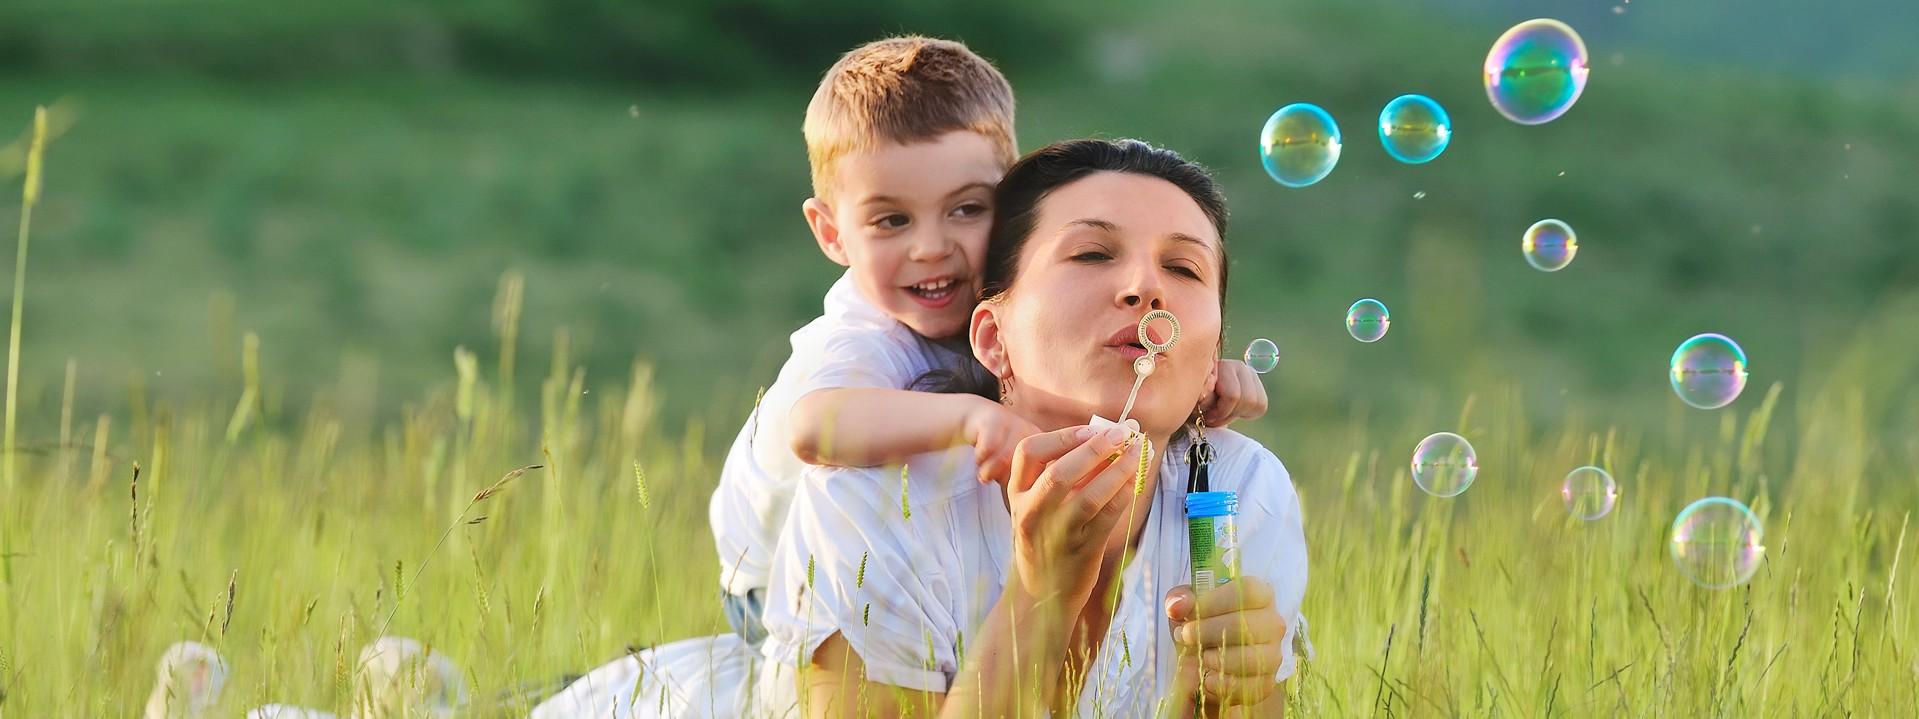 Kind und Mutter machen Seifenblasen